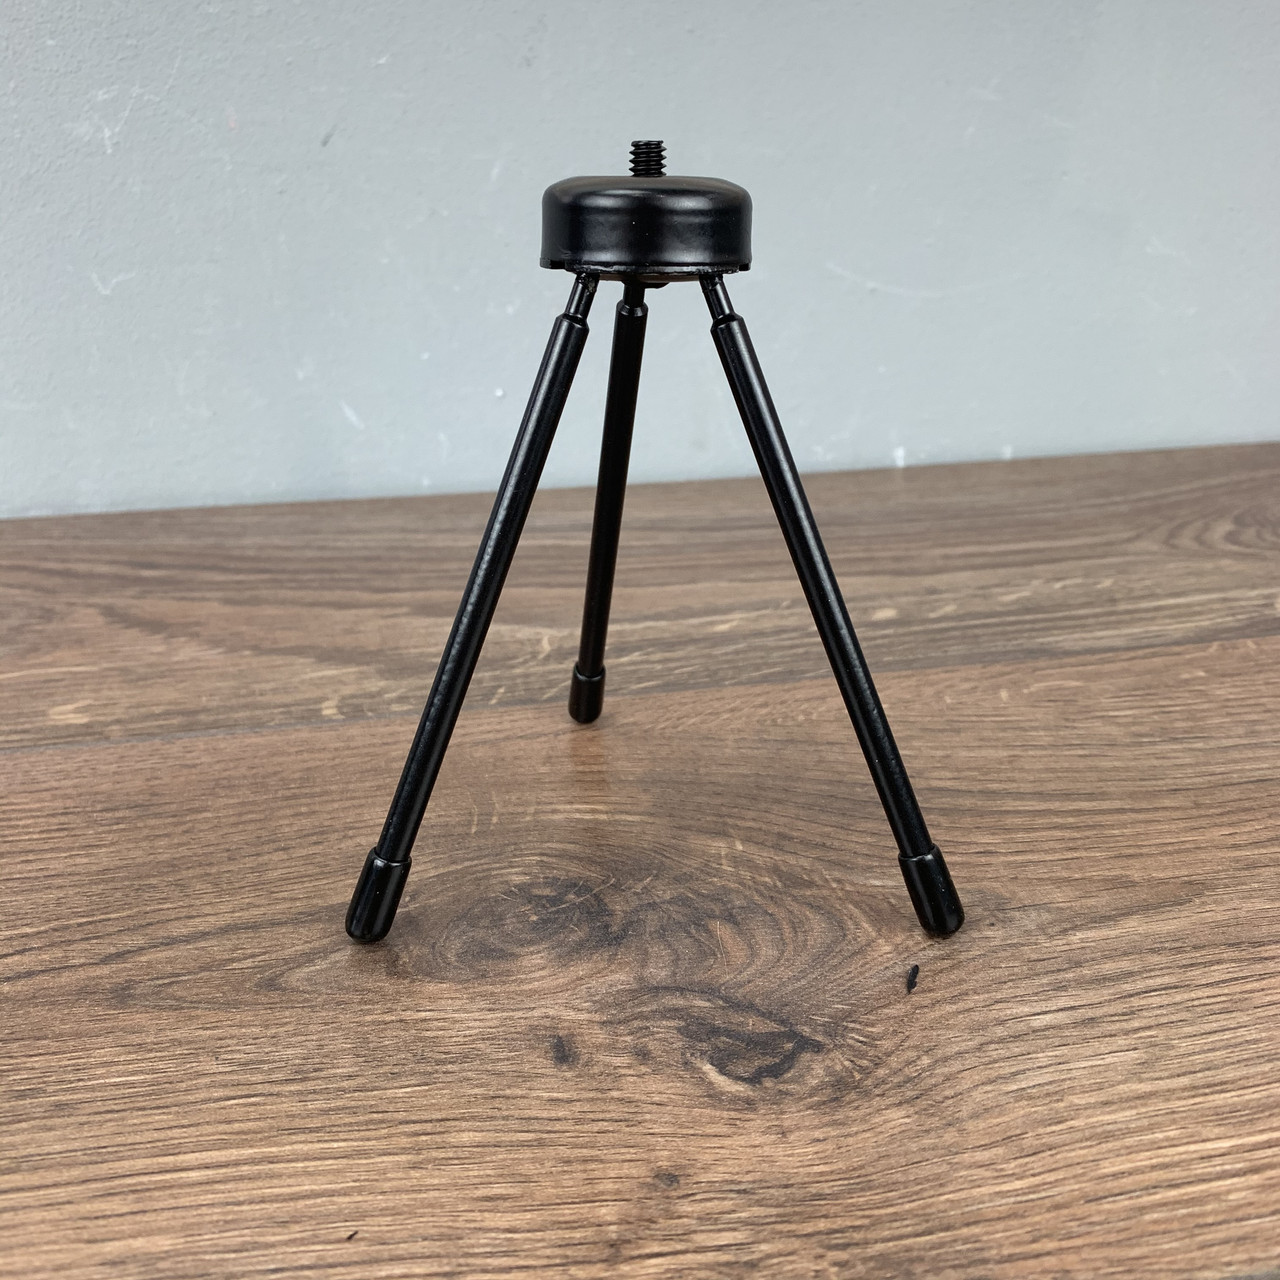 Универсальный штатив тренога для телефона смарфтона трипод камеры кольцевой лампы фотоаппарата видеокамеры